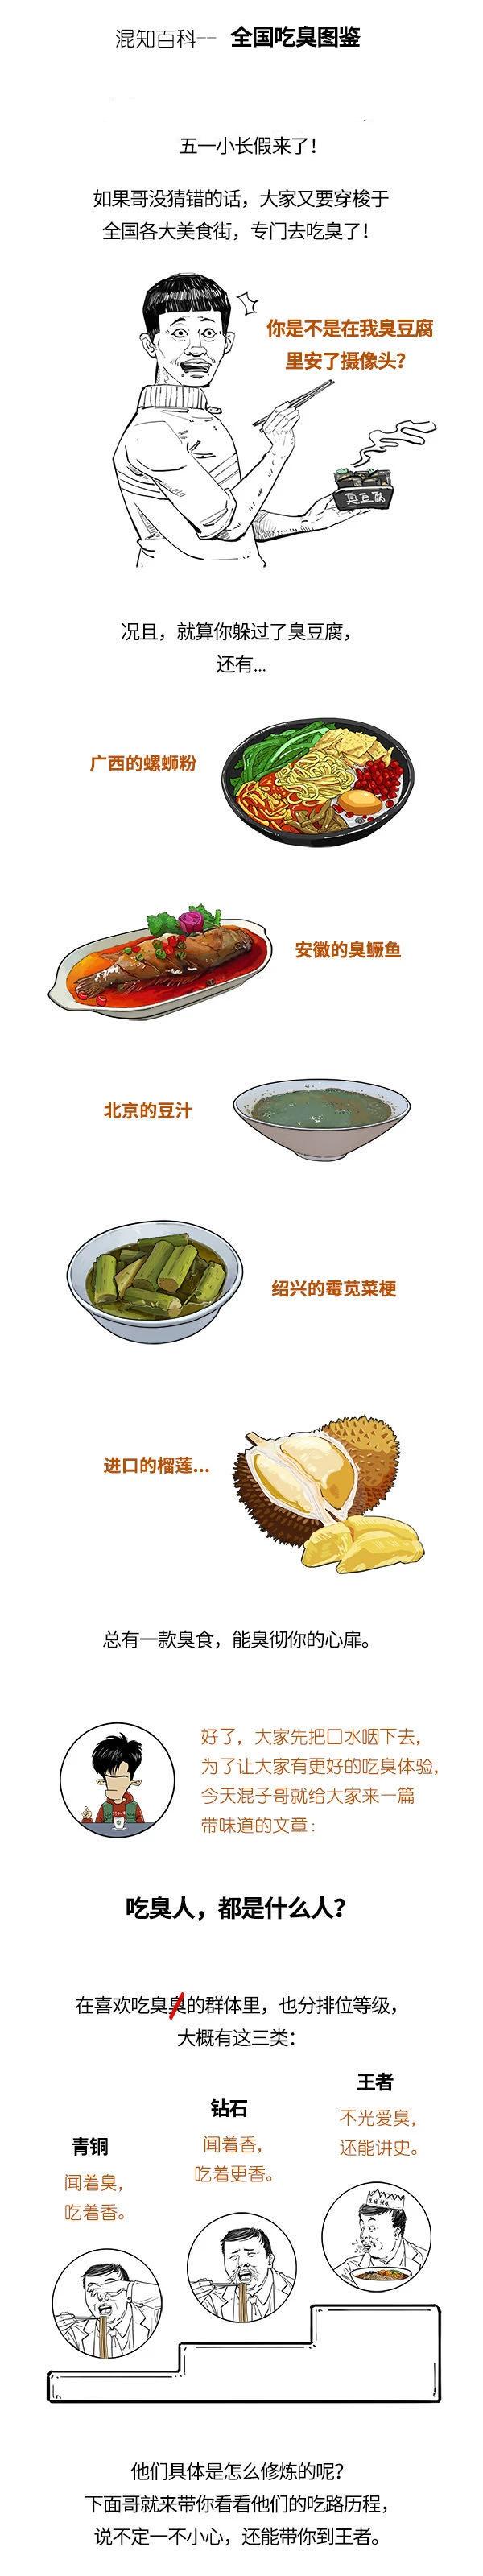 周末时光丨五一出游前,先看看中国人吃臭图鉴